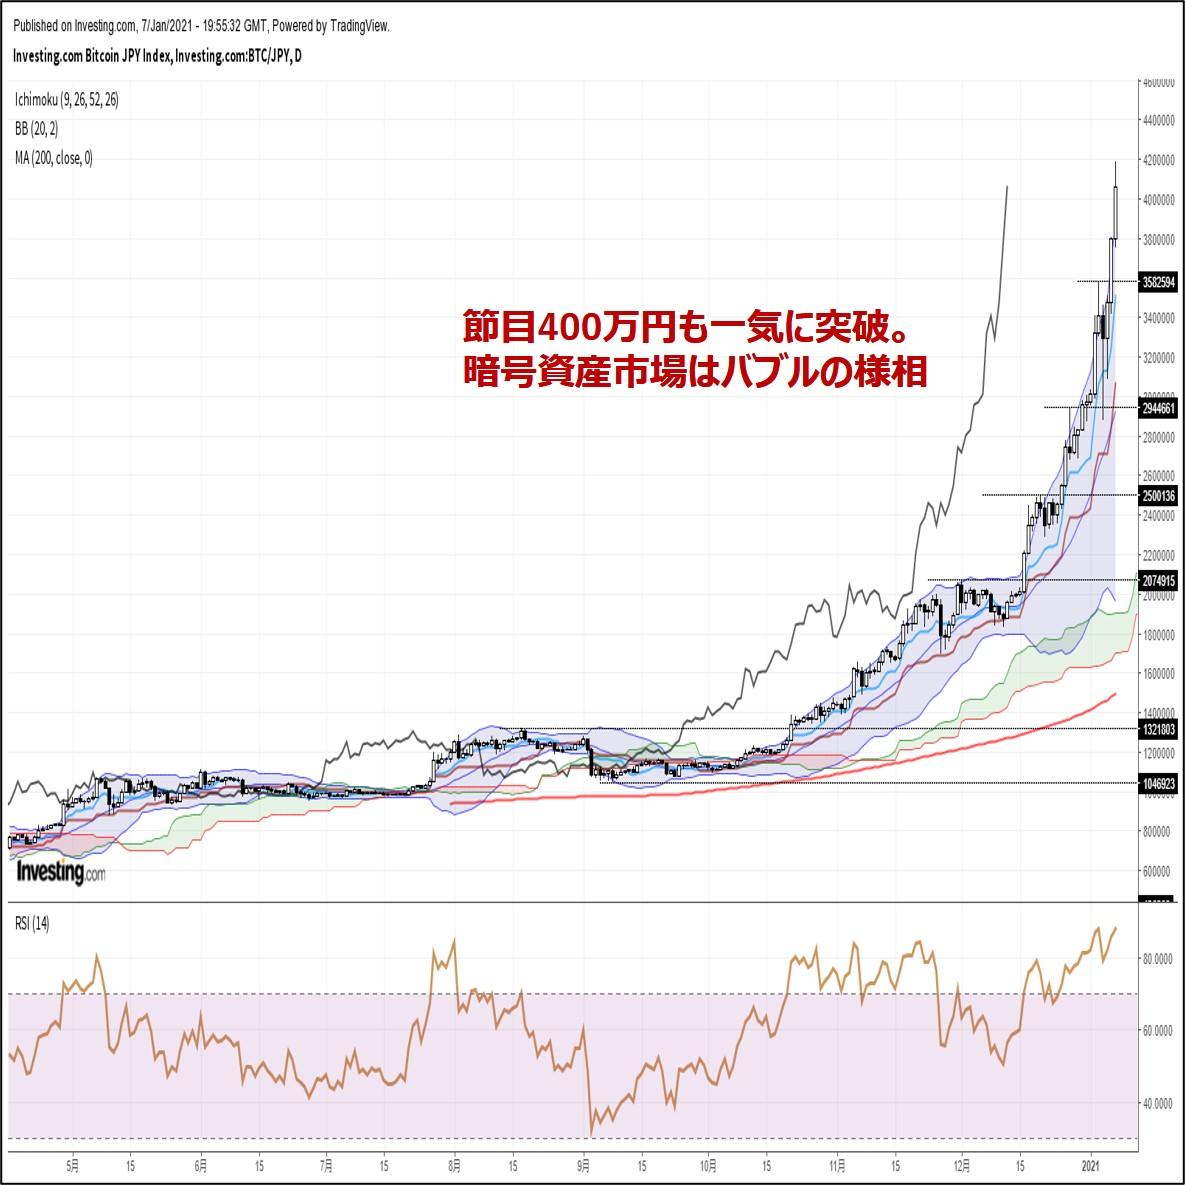 ビットコイン円、節目400万円を一気に突破。暗号資産市場はバブルの様相(1/8朝)